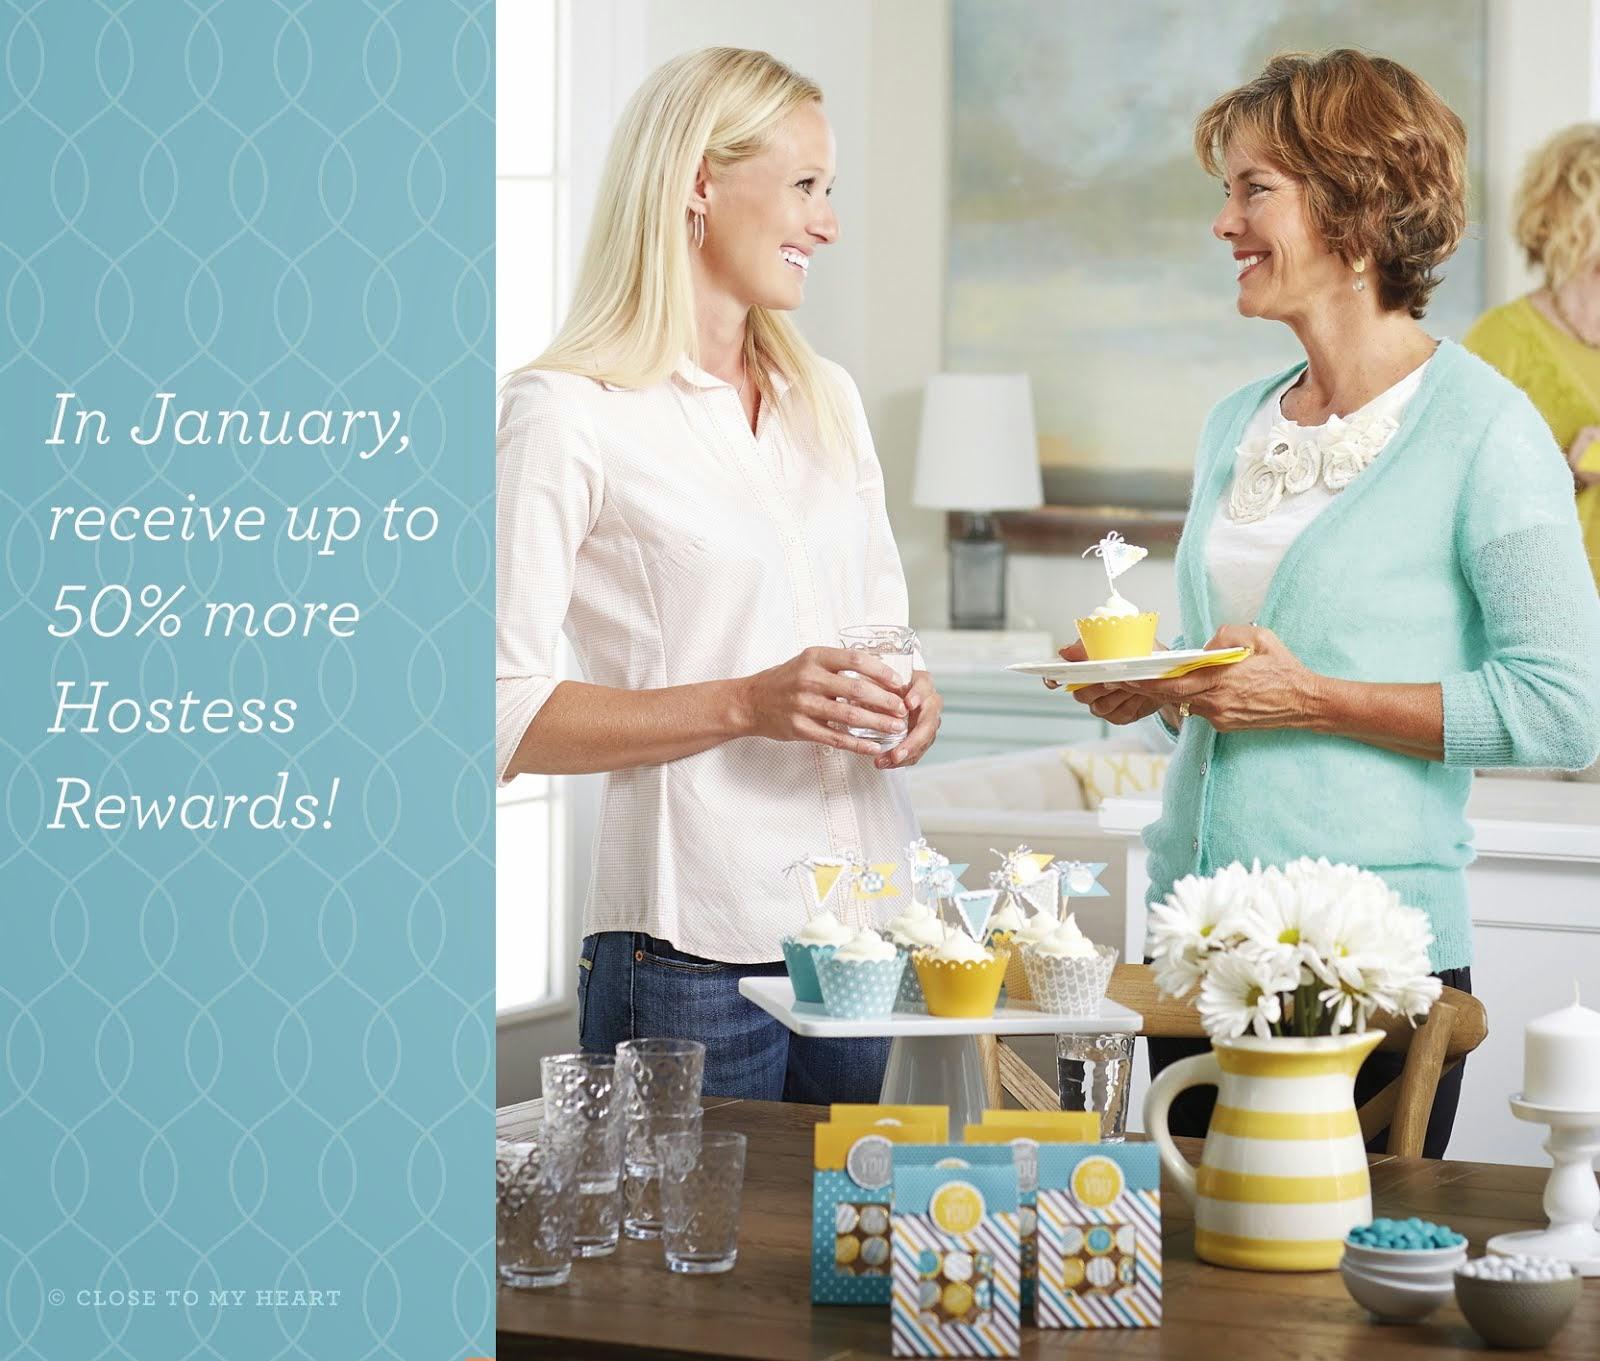 CTMH's January Hostess Promotion: Extra! Extra! Hostess Rewards!!